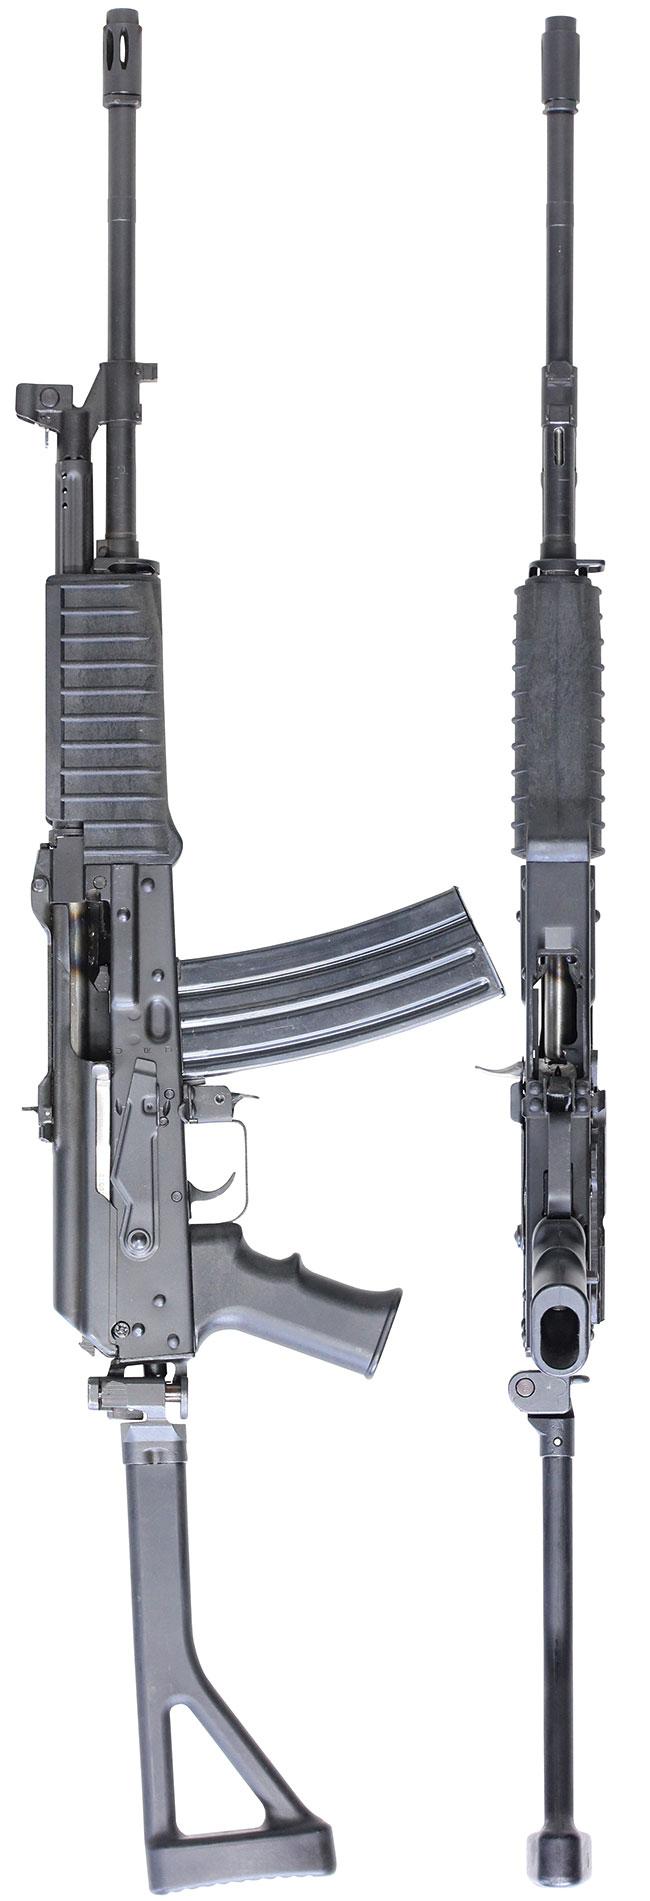 【3352】ツァスタバ-M21-自動小銃-ロング・バレル-(#16517)右.jpg